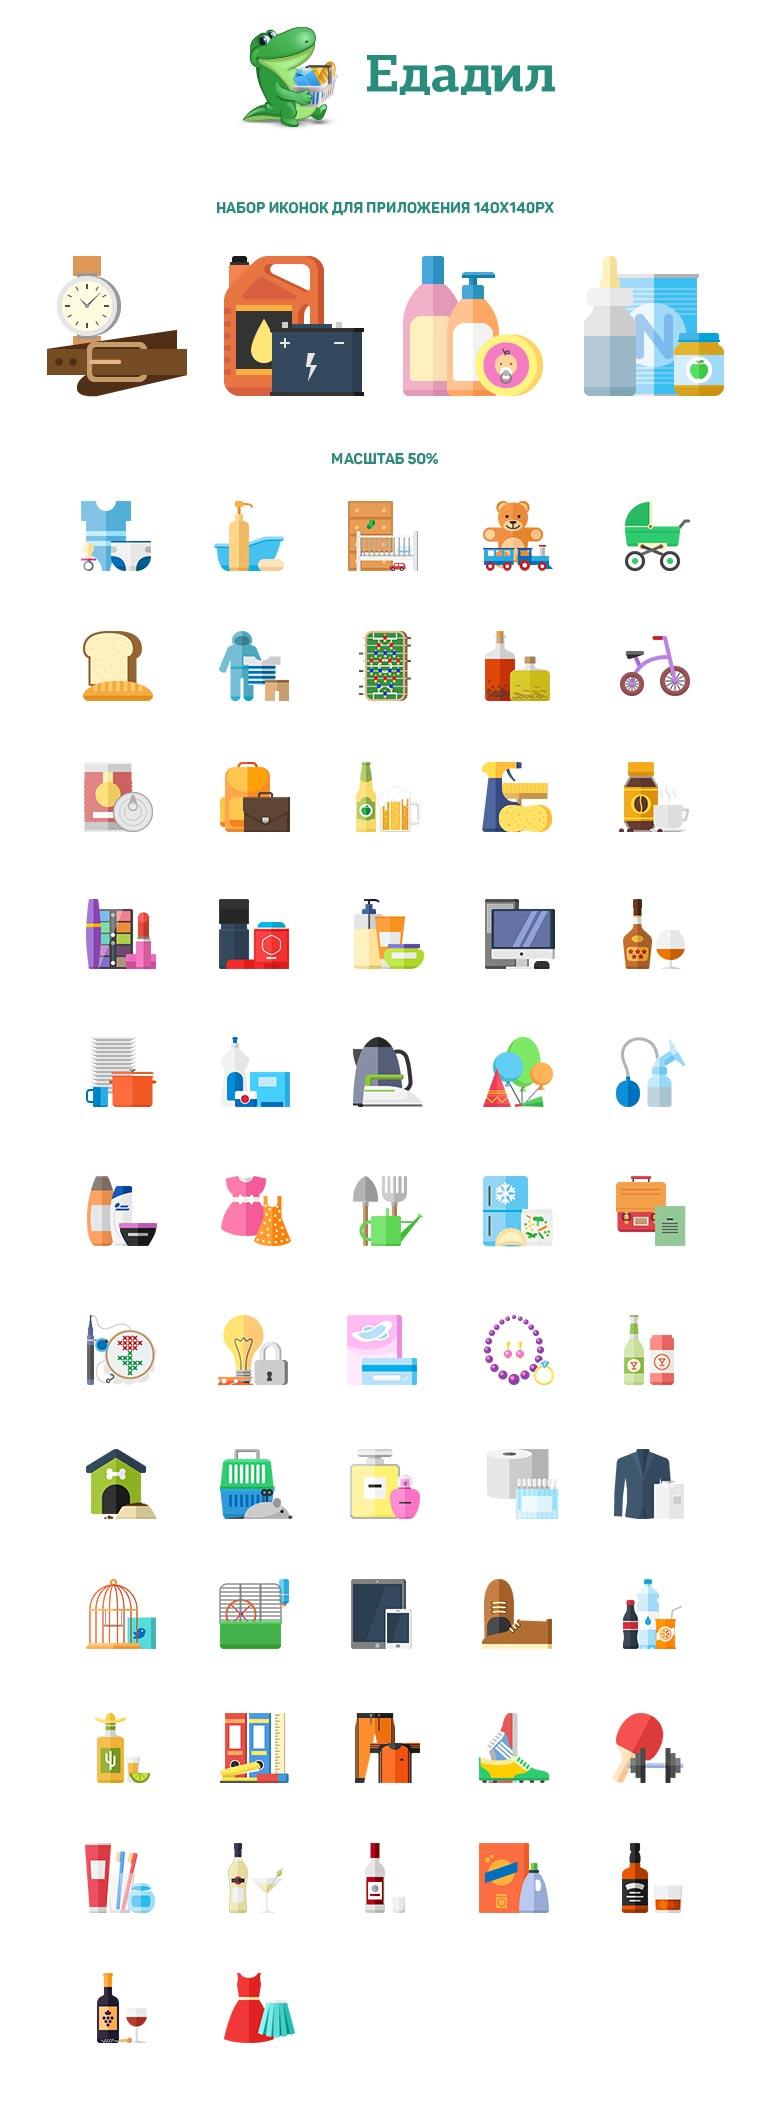 Товары магазина, Едадил • Цветные • Плоские • 60+ шт.